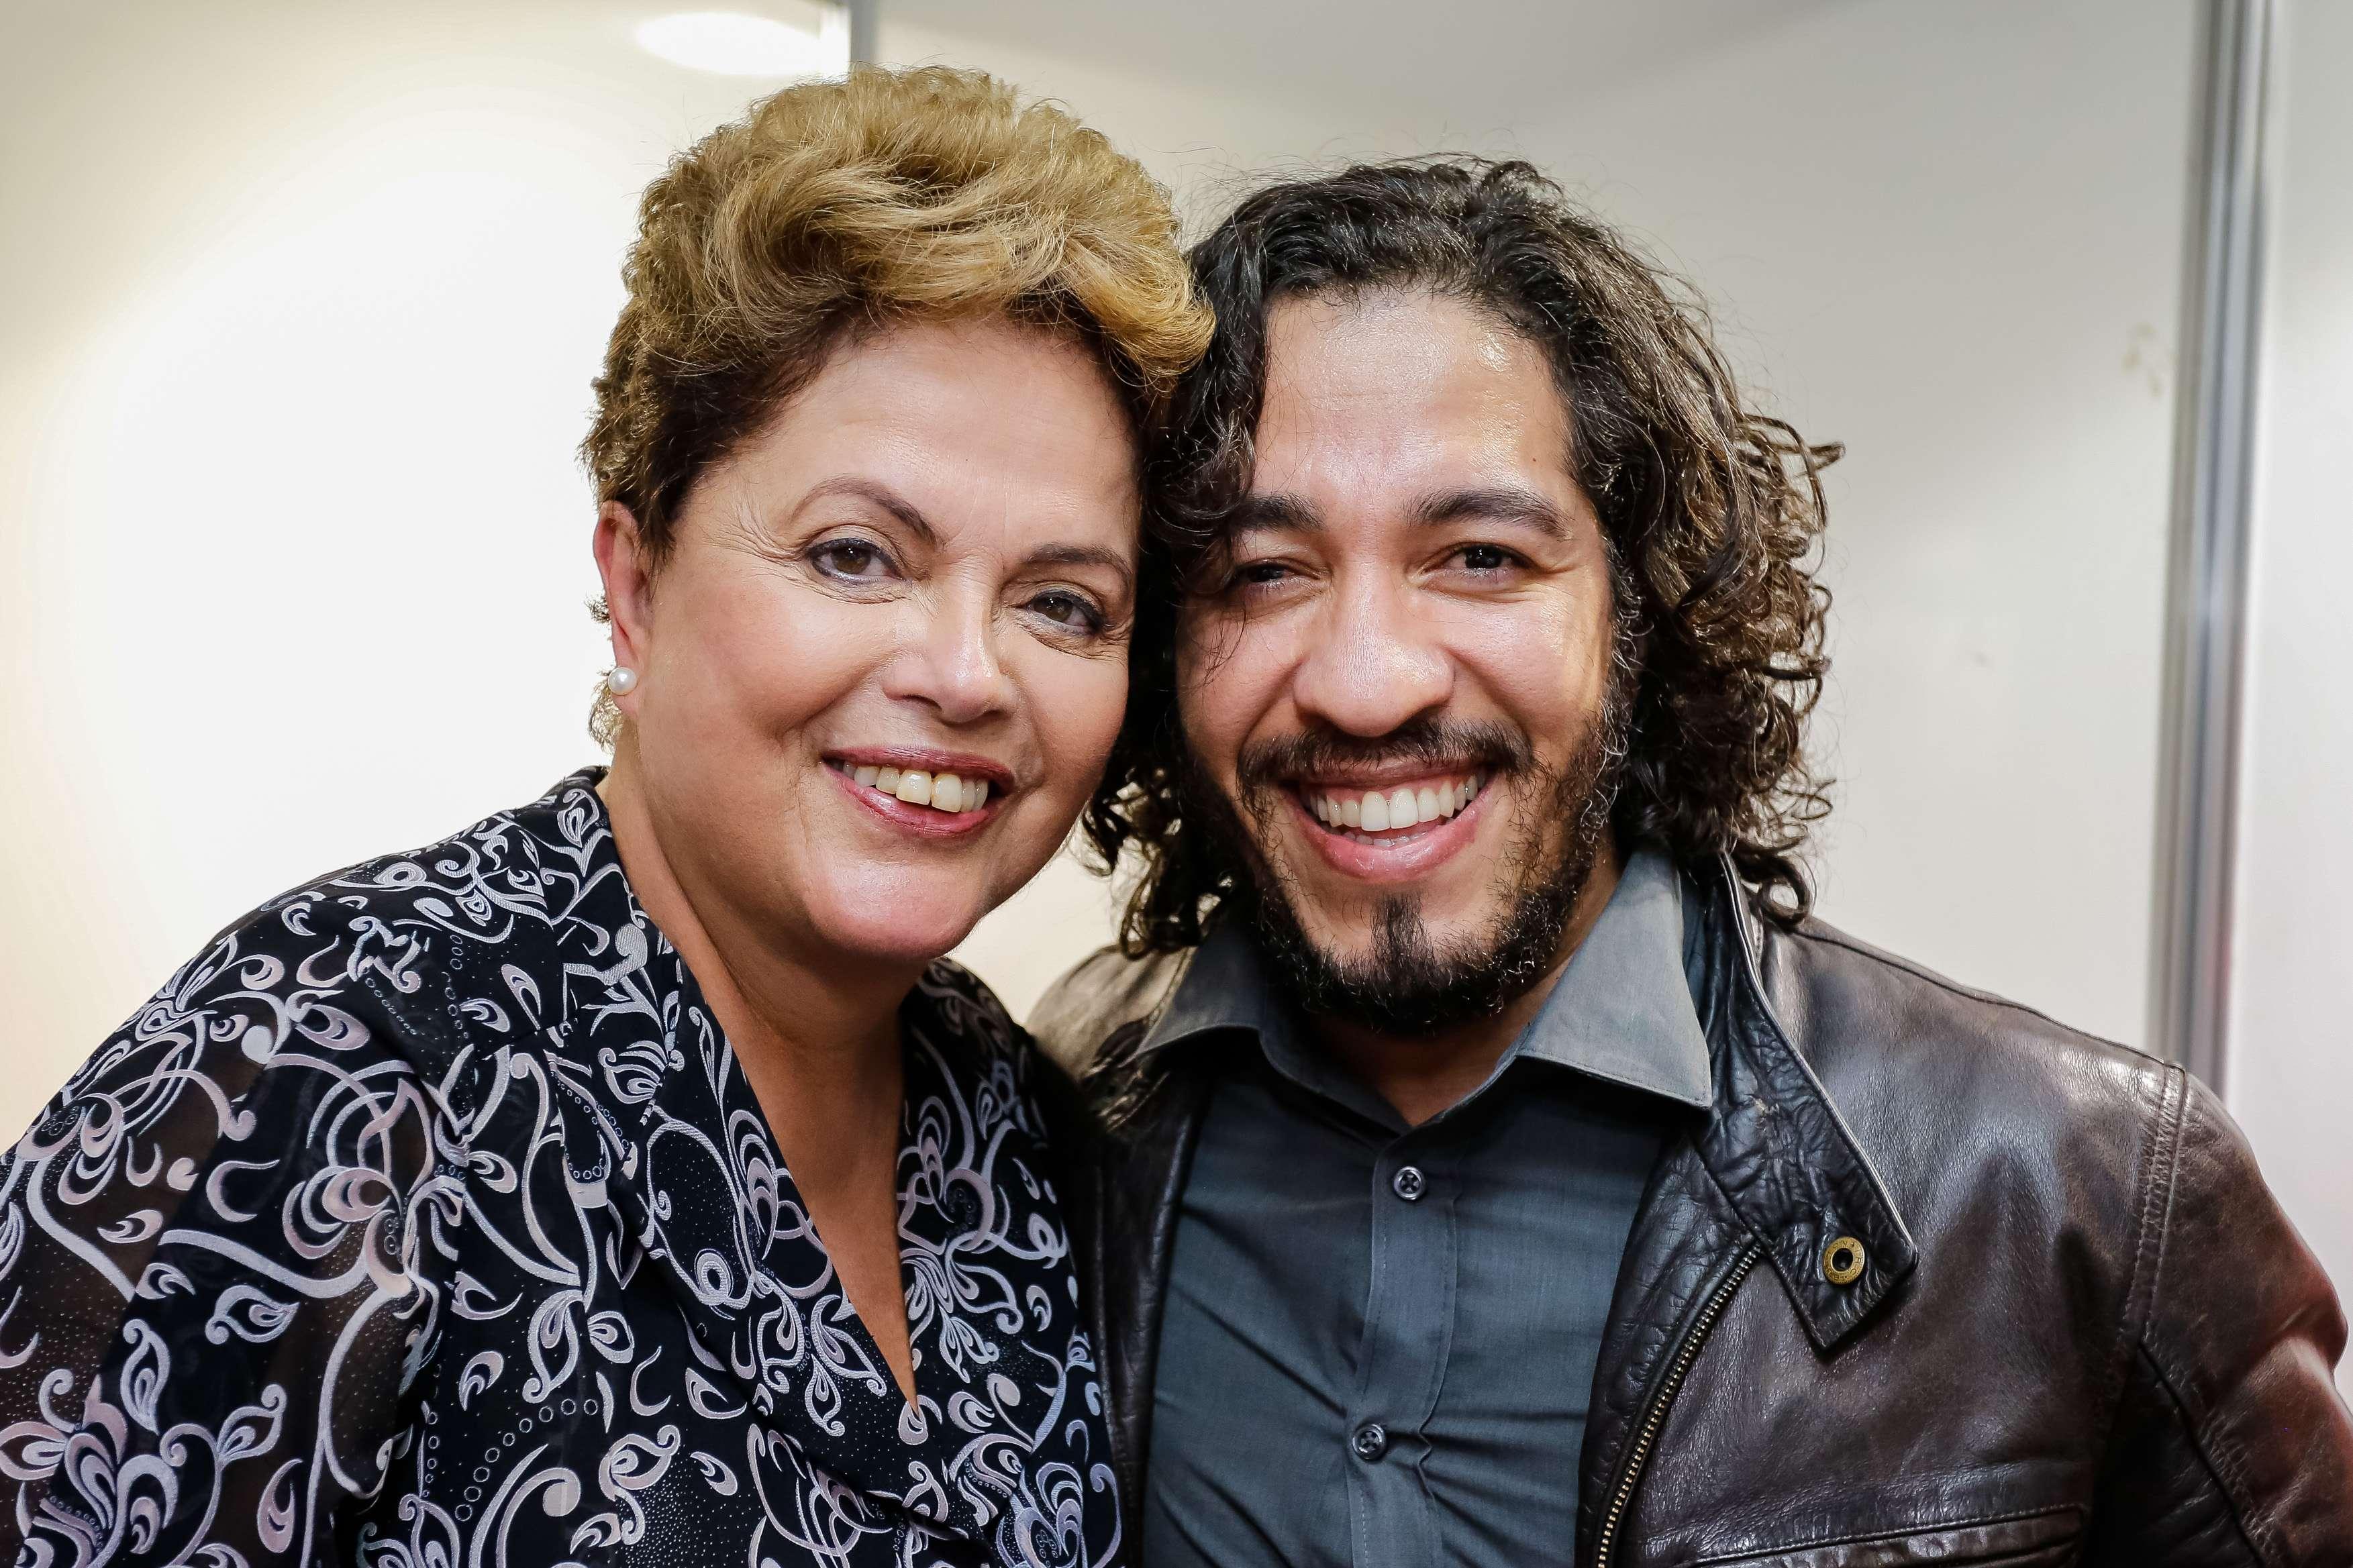 Presidente apareceu ao lado do deputado Jean Wyllys nesta segunda, em São Paulo Foto: Ichiro Guerra/Divulgação